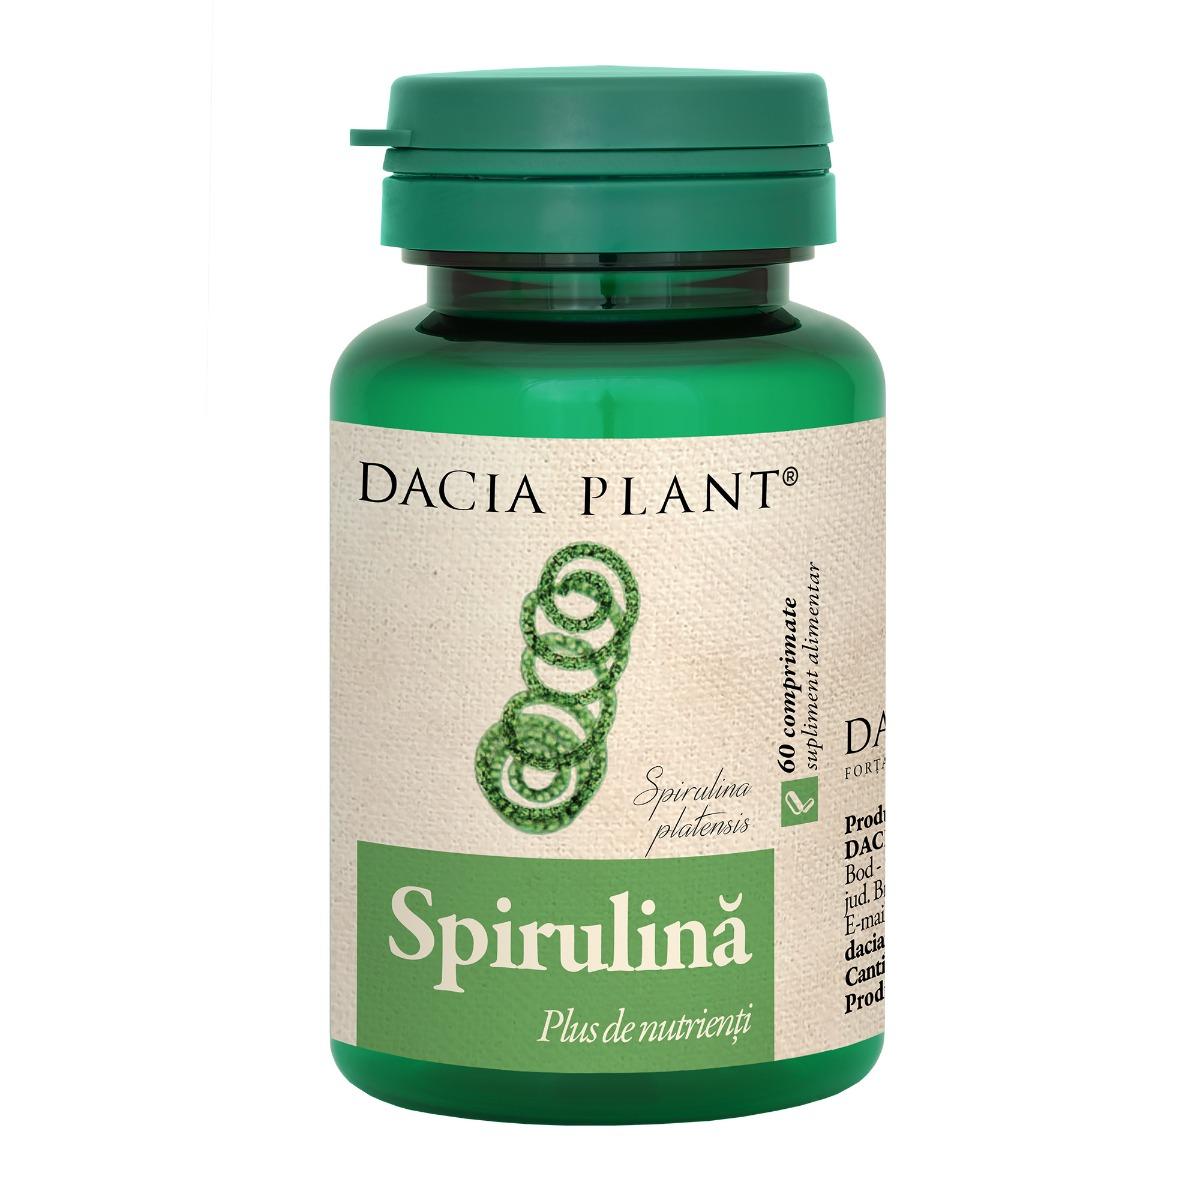 Spirulina, 60 comprimate, Dacia Plant drmax.ro